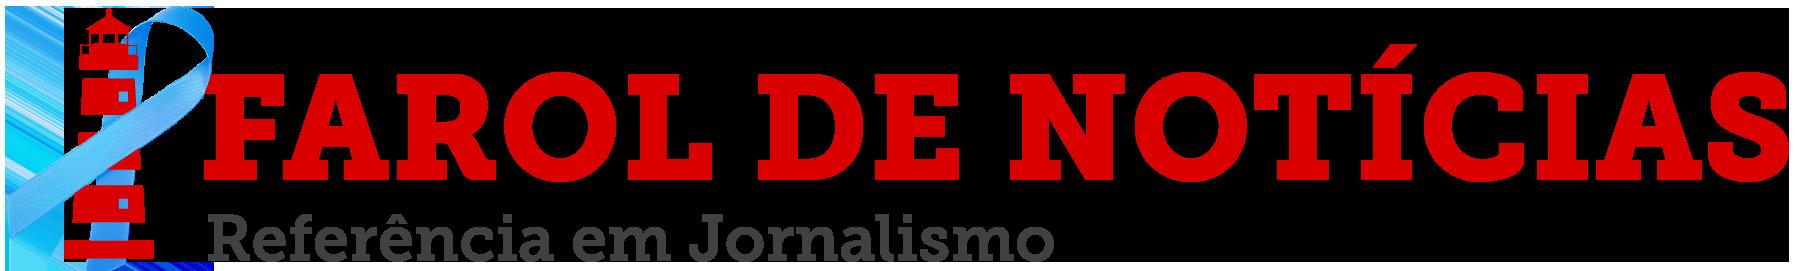 Farol de Notícias - Referência em Jornalismo de Serra Talhada e Região